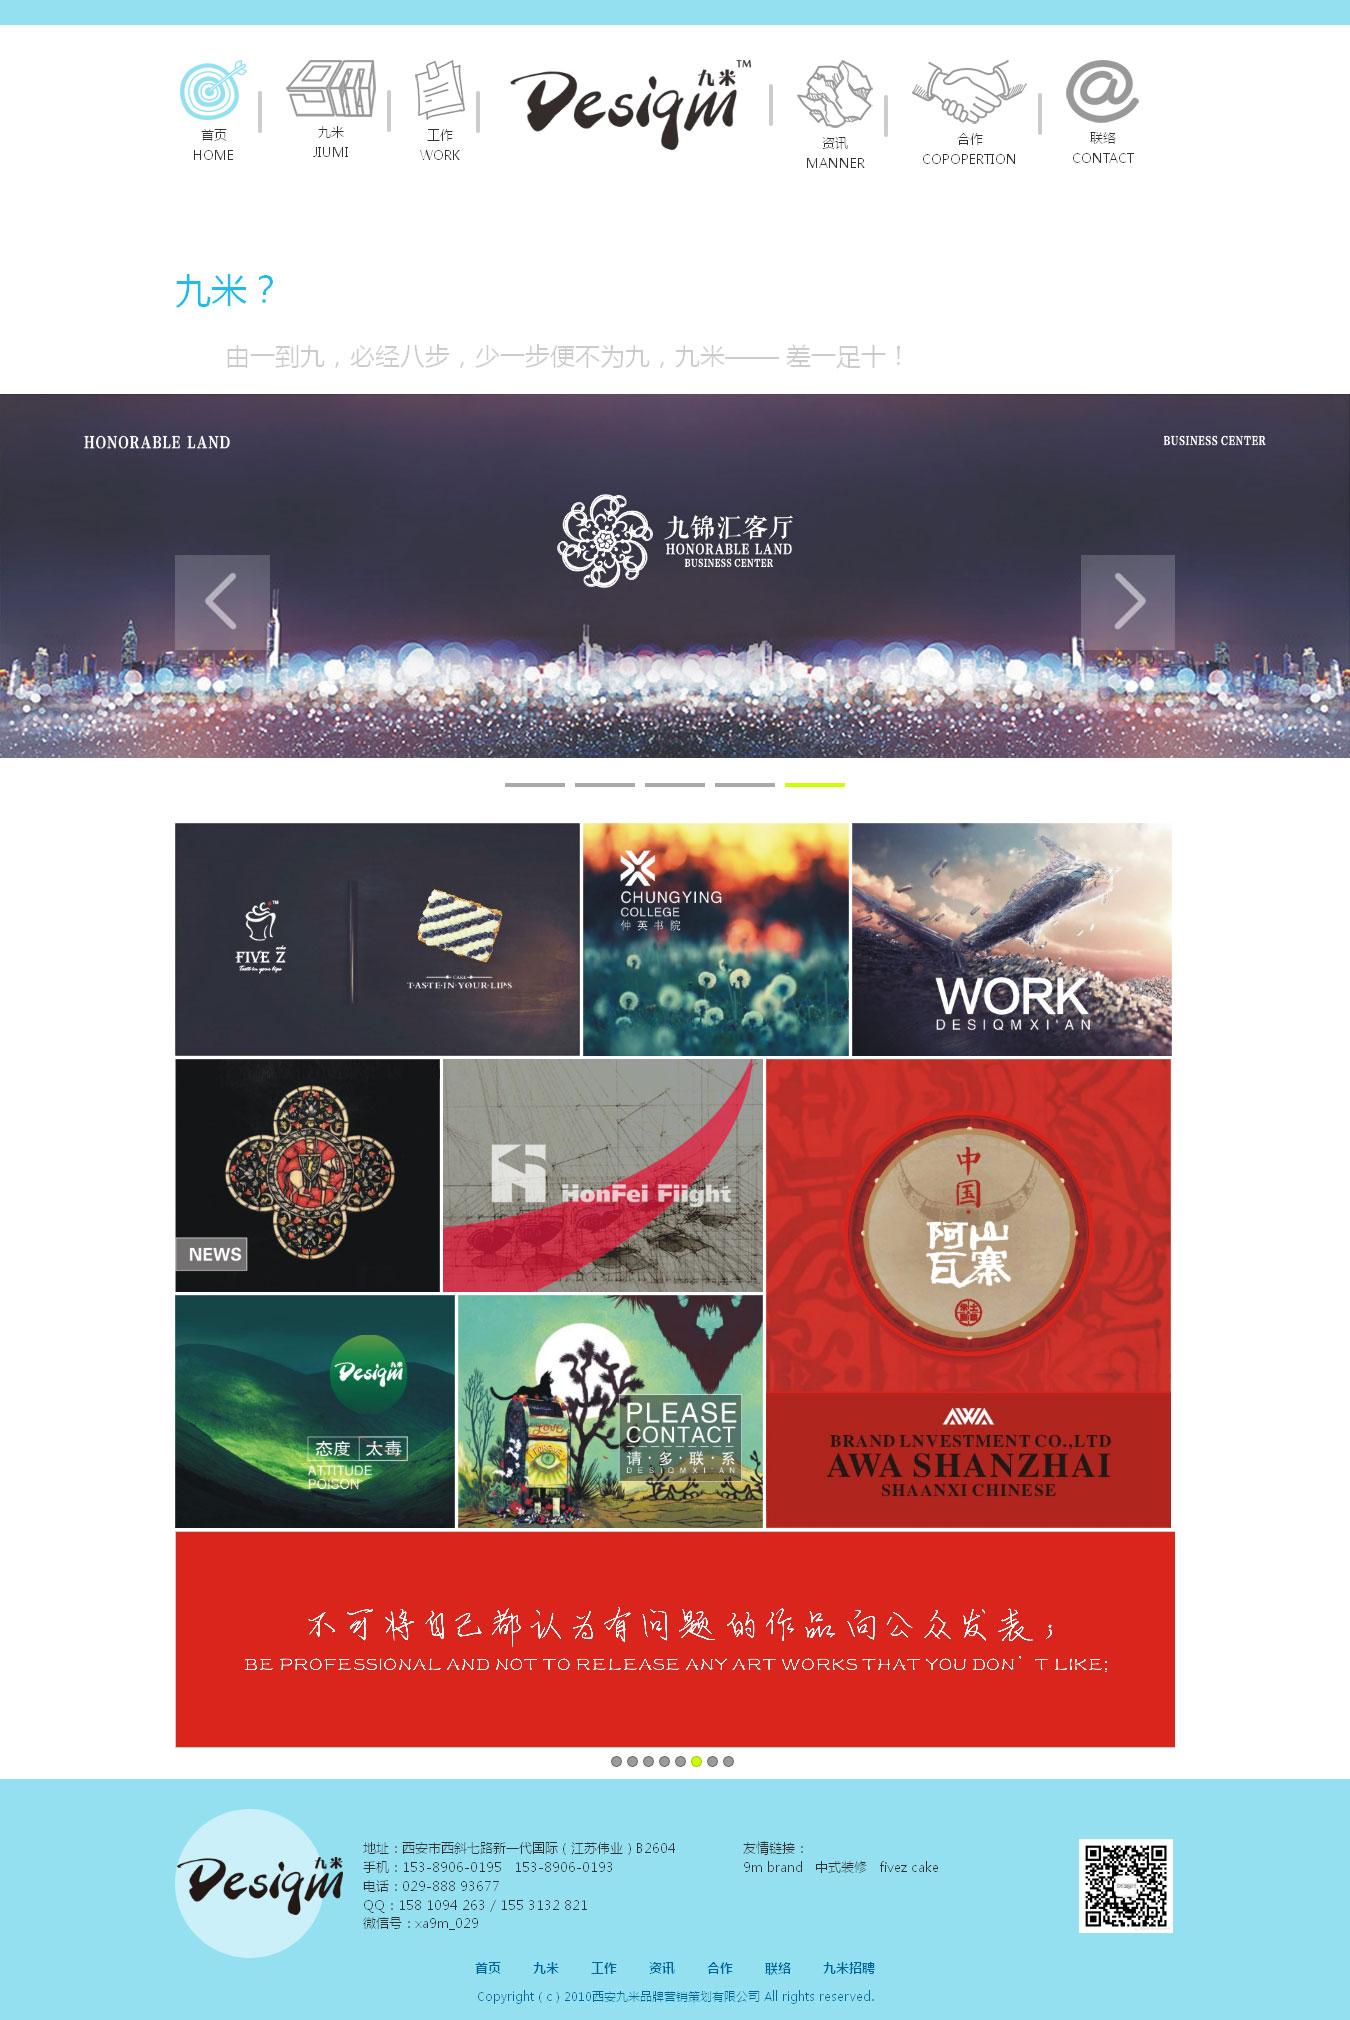 九米品牌营销策划有限公司网页设计